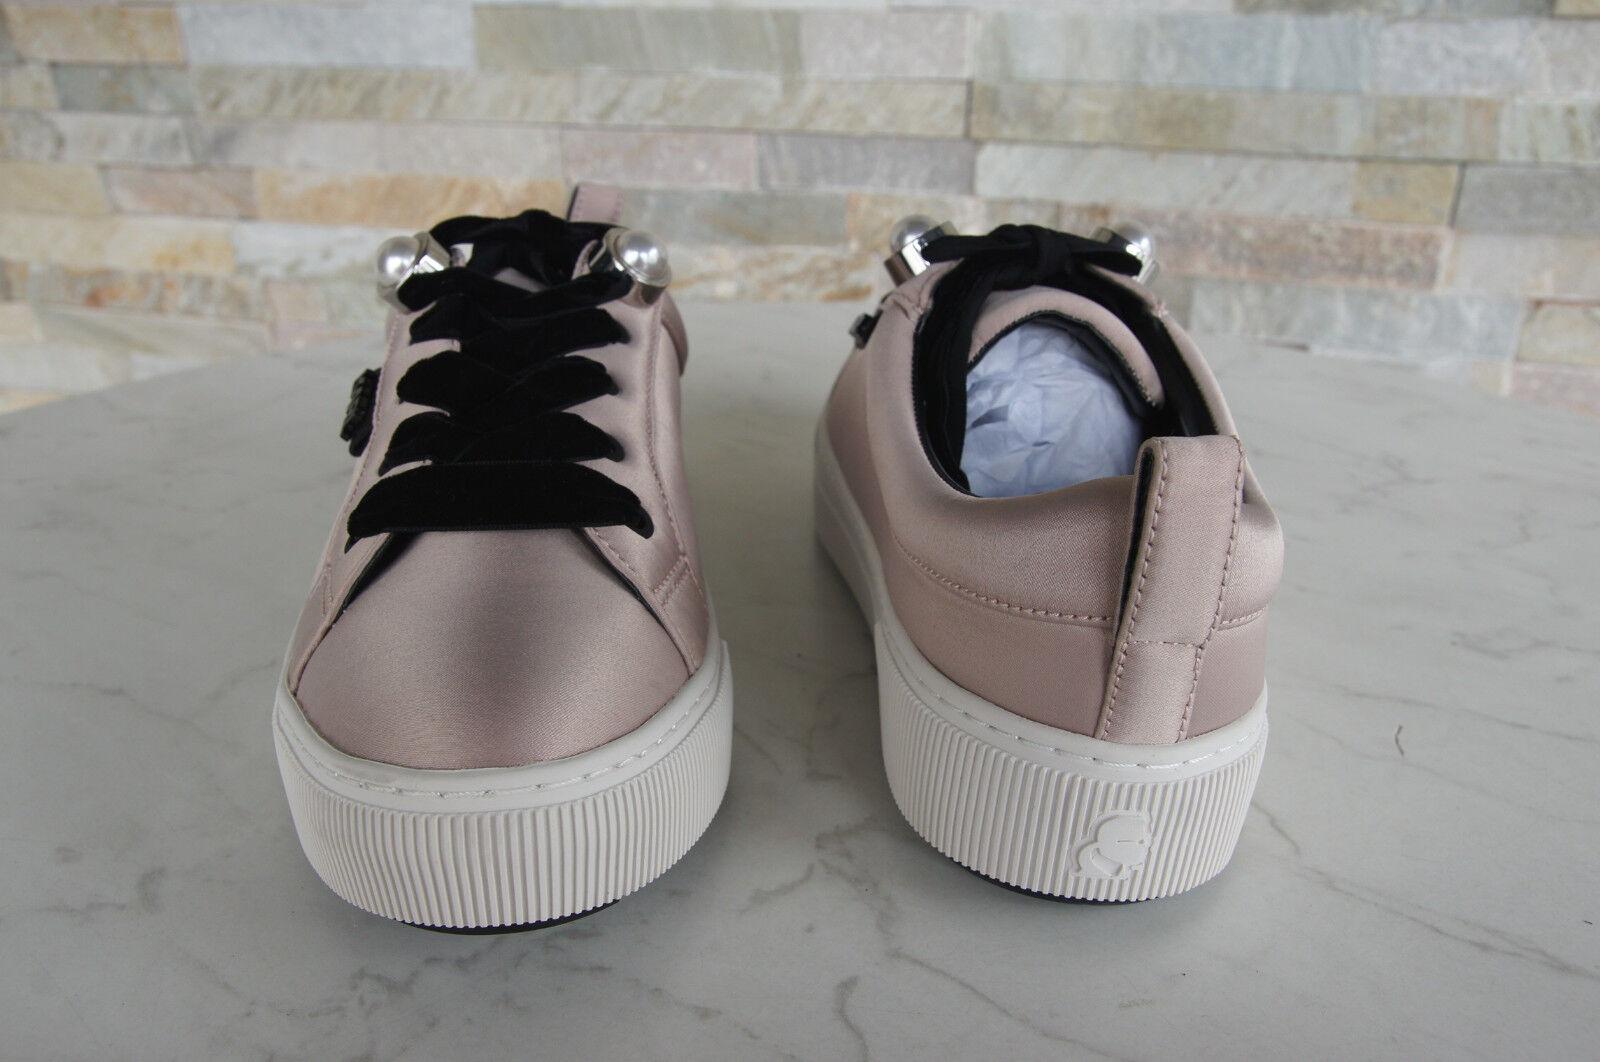 Karl Lagerfeld UE 40 40 40 us9 uk7 Baskets Chaussure Lacée Chaussures Rose Nouveau Ancien Prix Recommandé 8e37ec